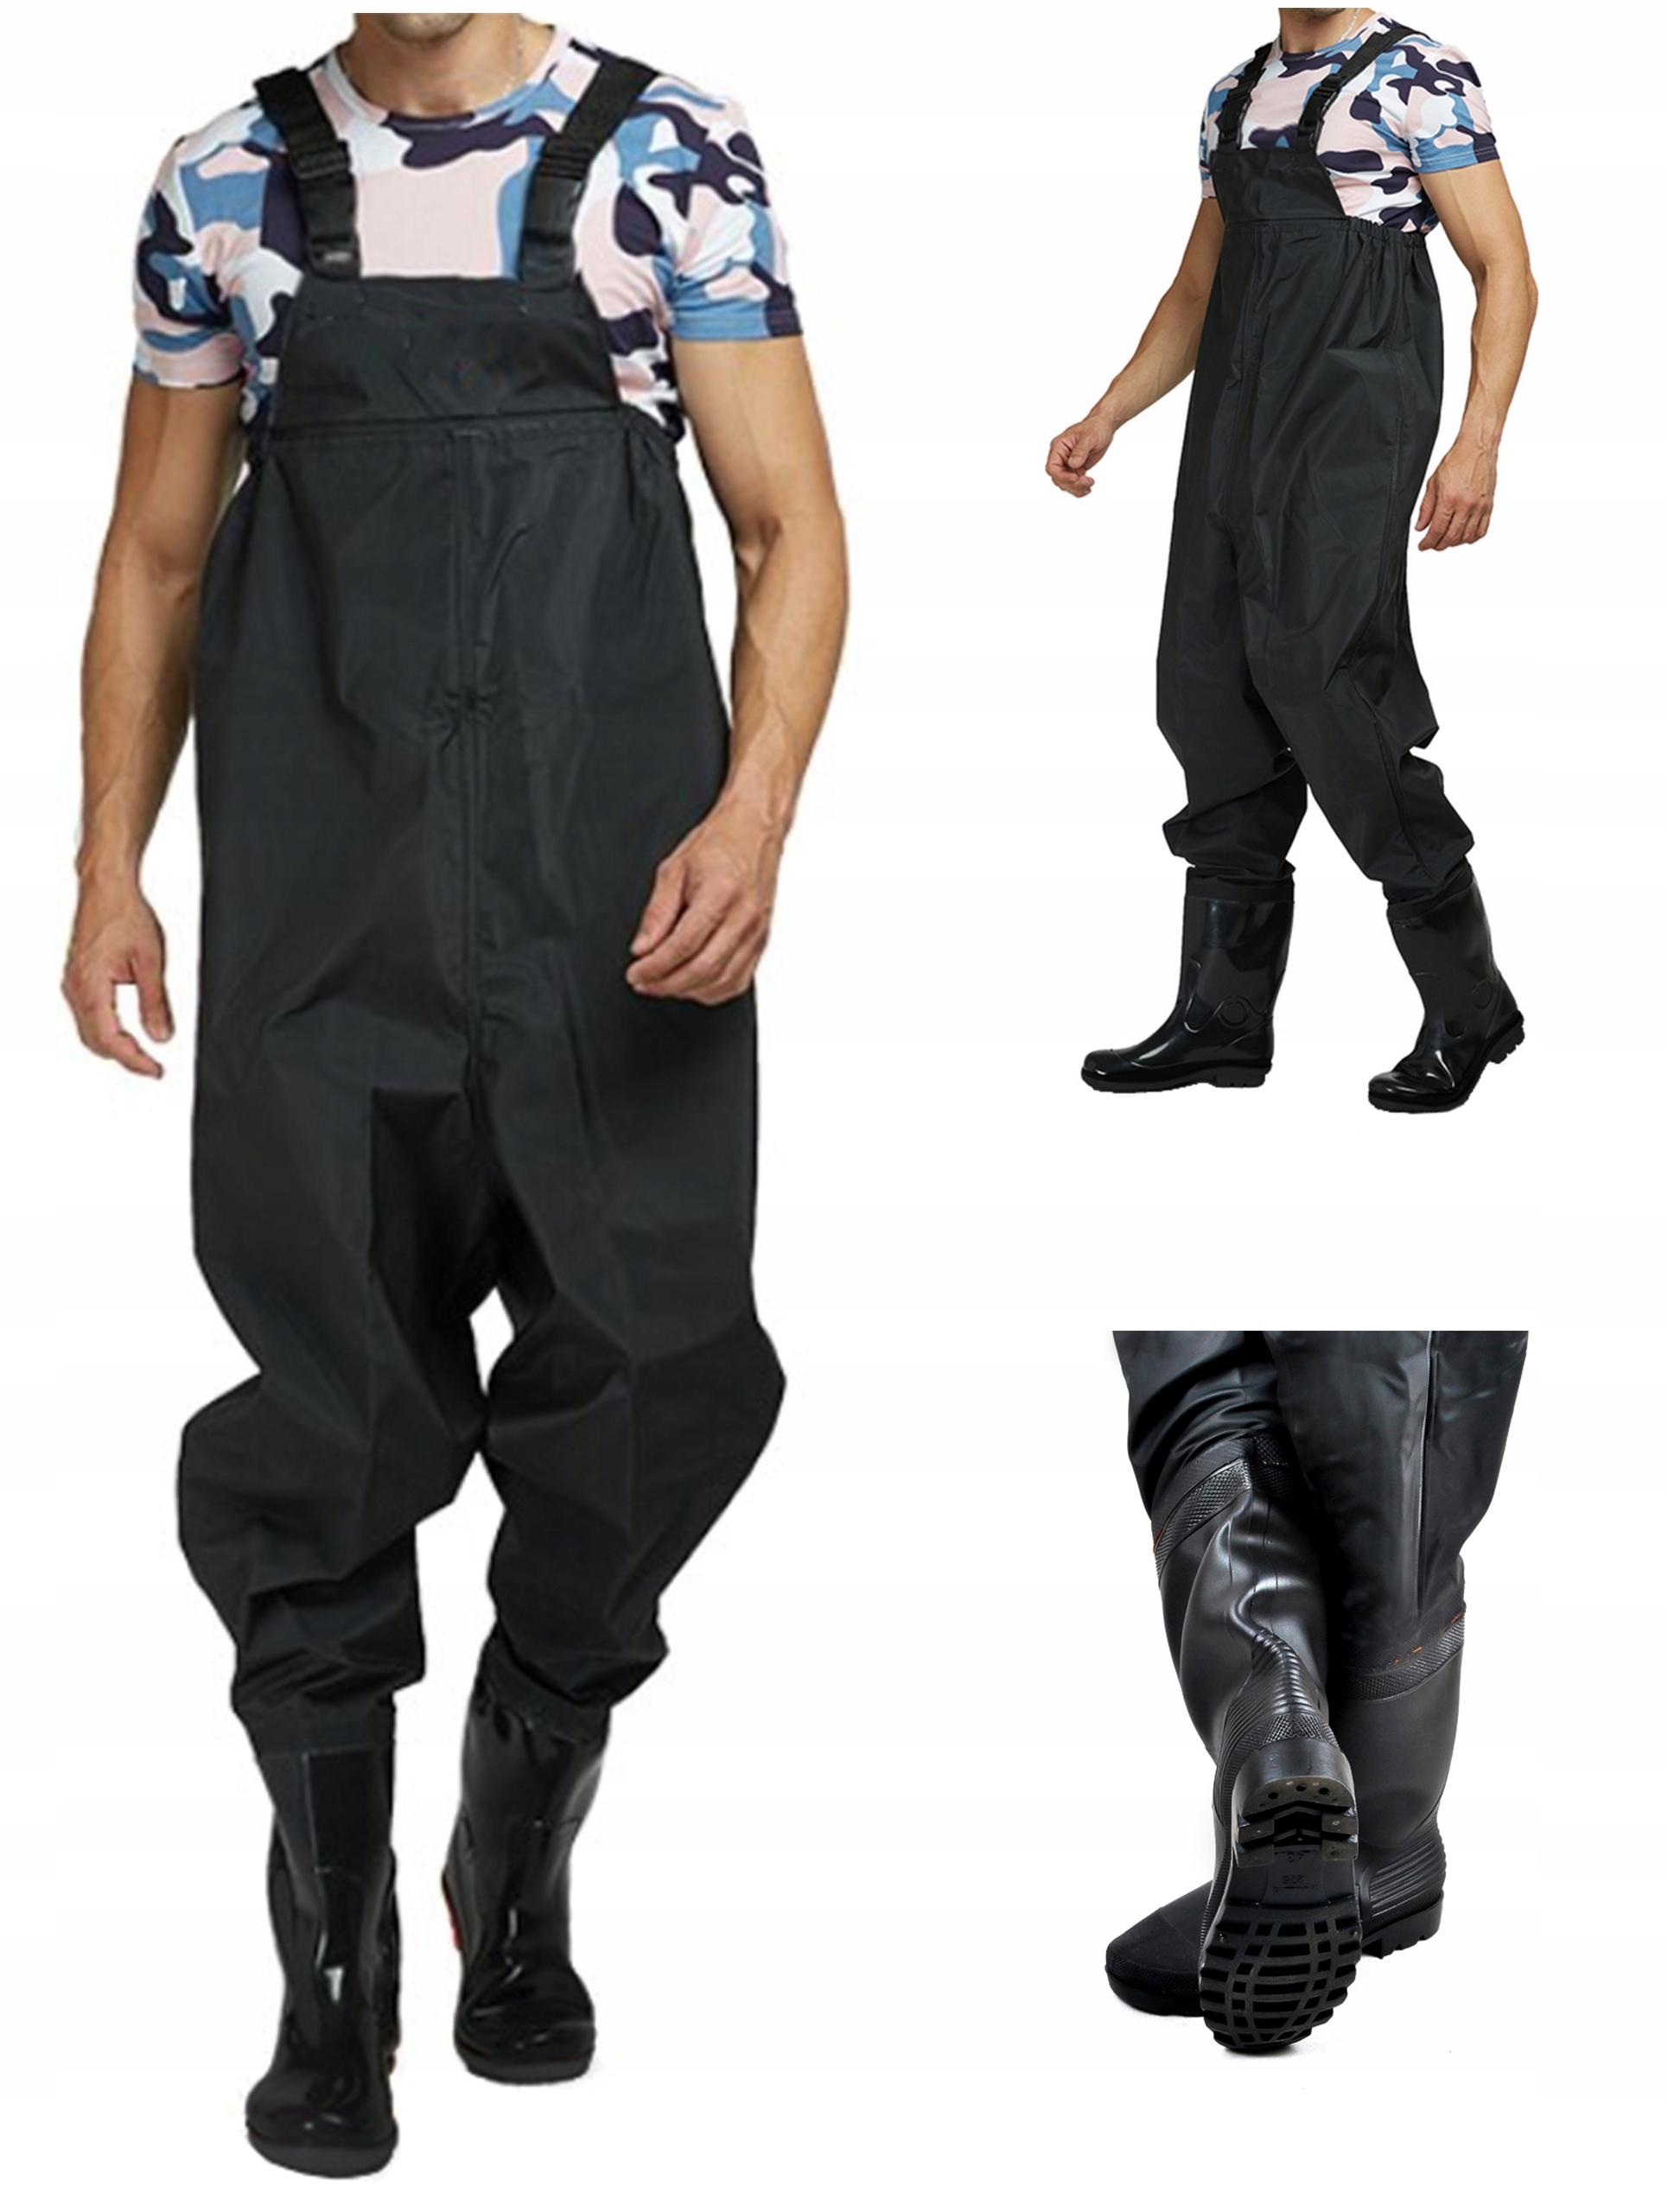 Wodery Spodniobuty Spodnie Wędkarskie 41 + Szelki